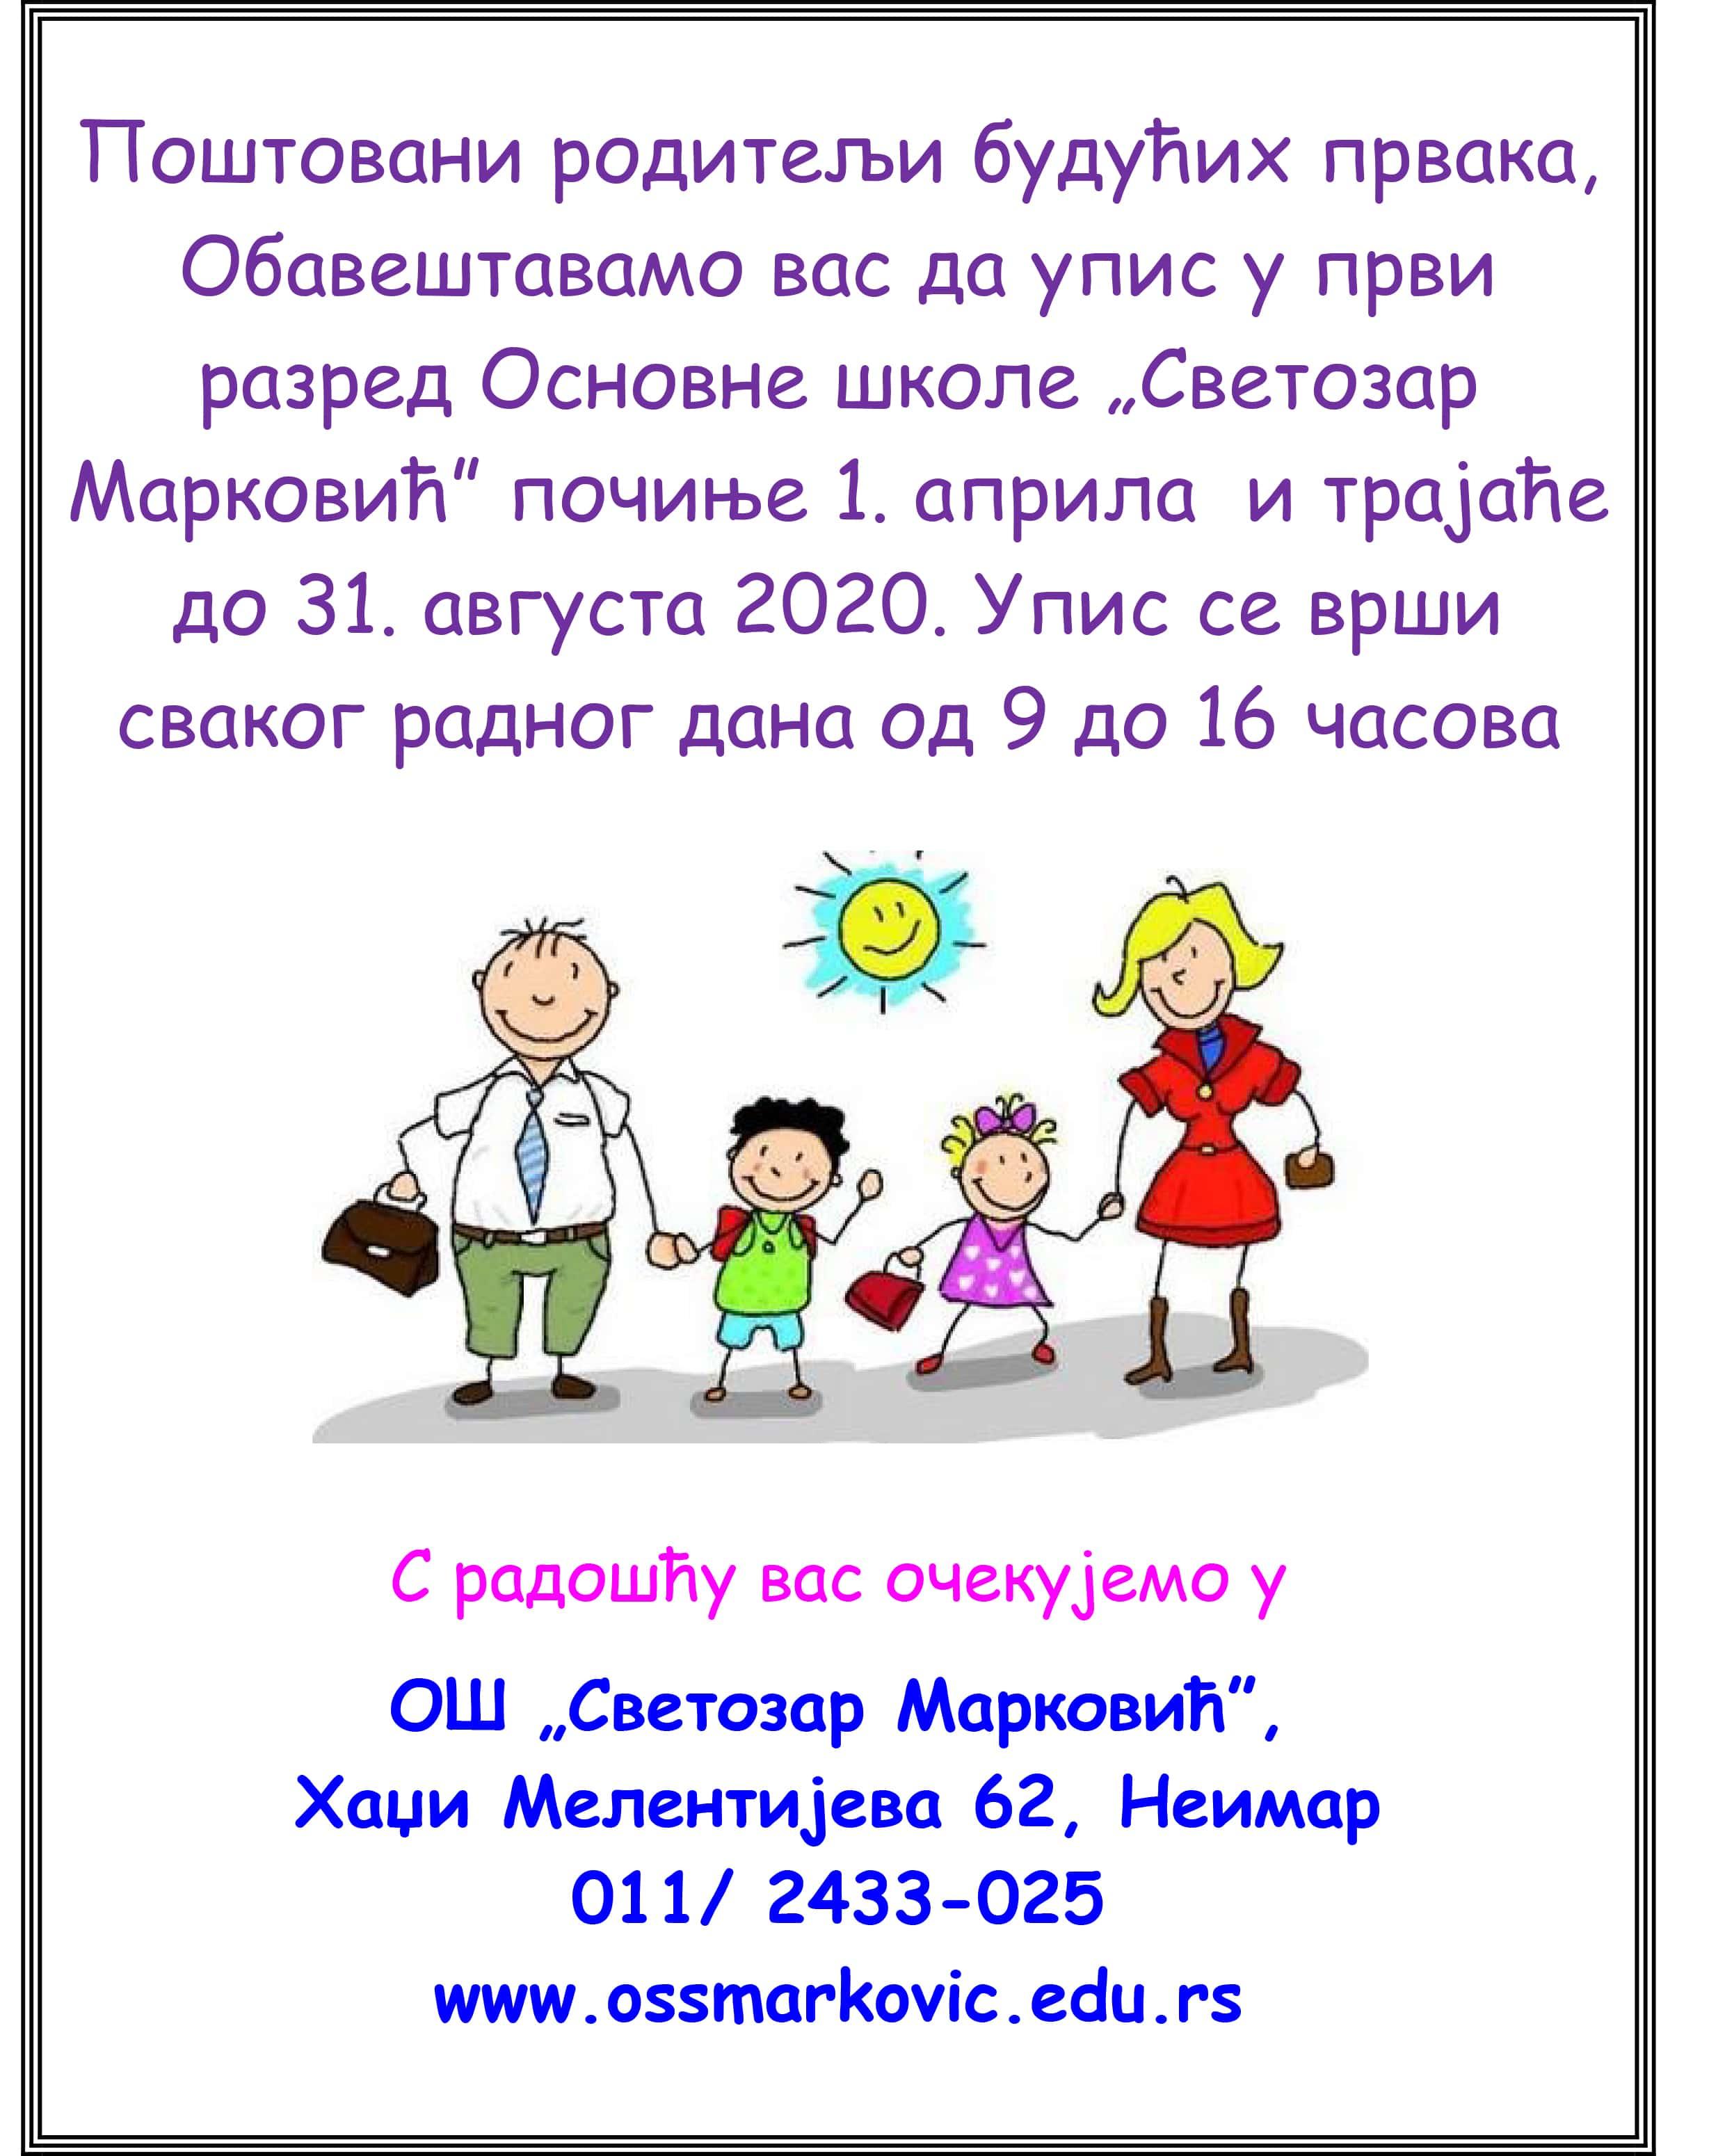 Plakat-upis (2)-min